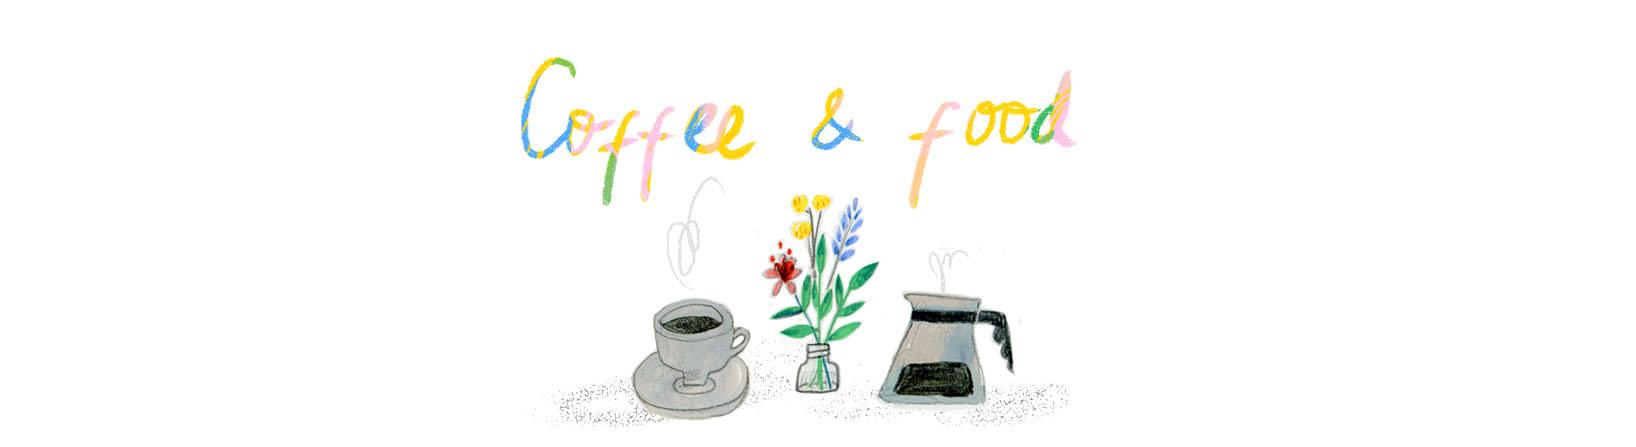 coffee and food.jpg